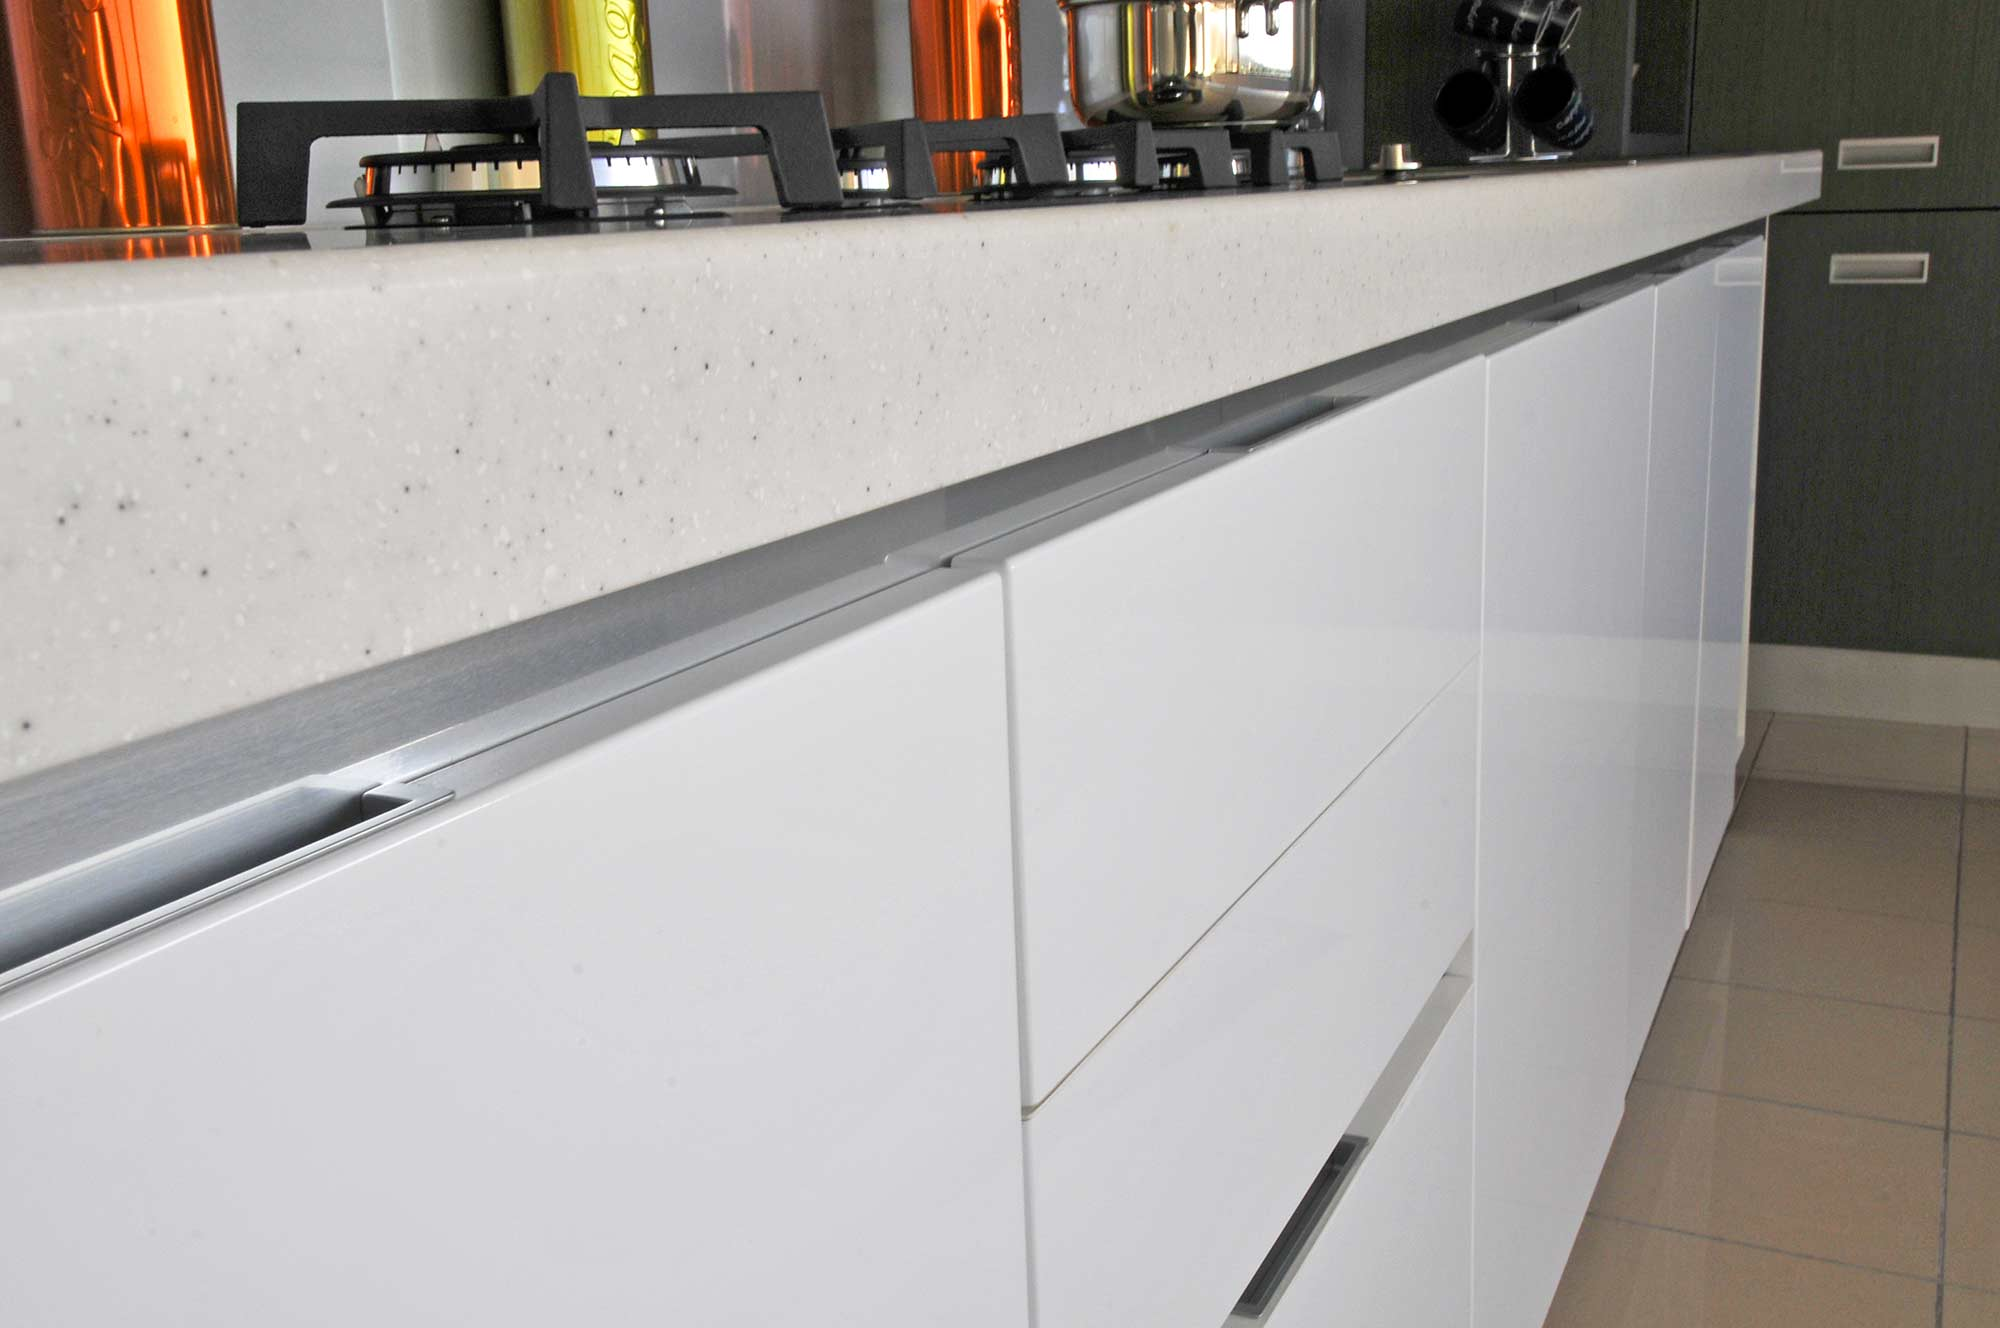 Pannelli cucine latest stunning pannelli per cucine for Pannelli per cucine al posto delle piastrelle